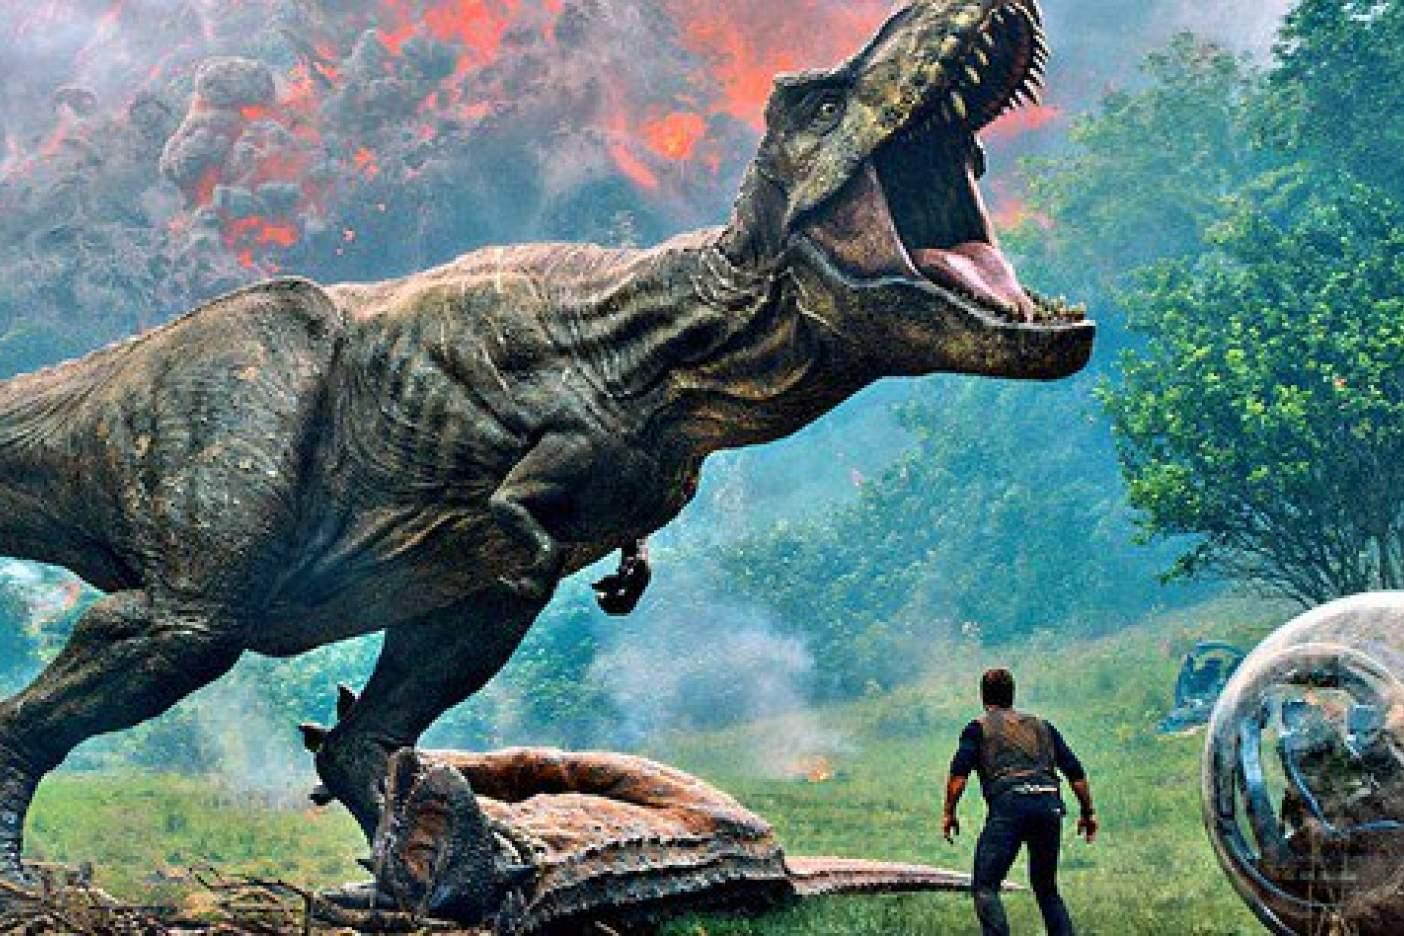 بررسی فیلم Jurassic World: Fallen Kingdom: تلاشی برای نجات دایناسورها